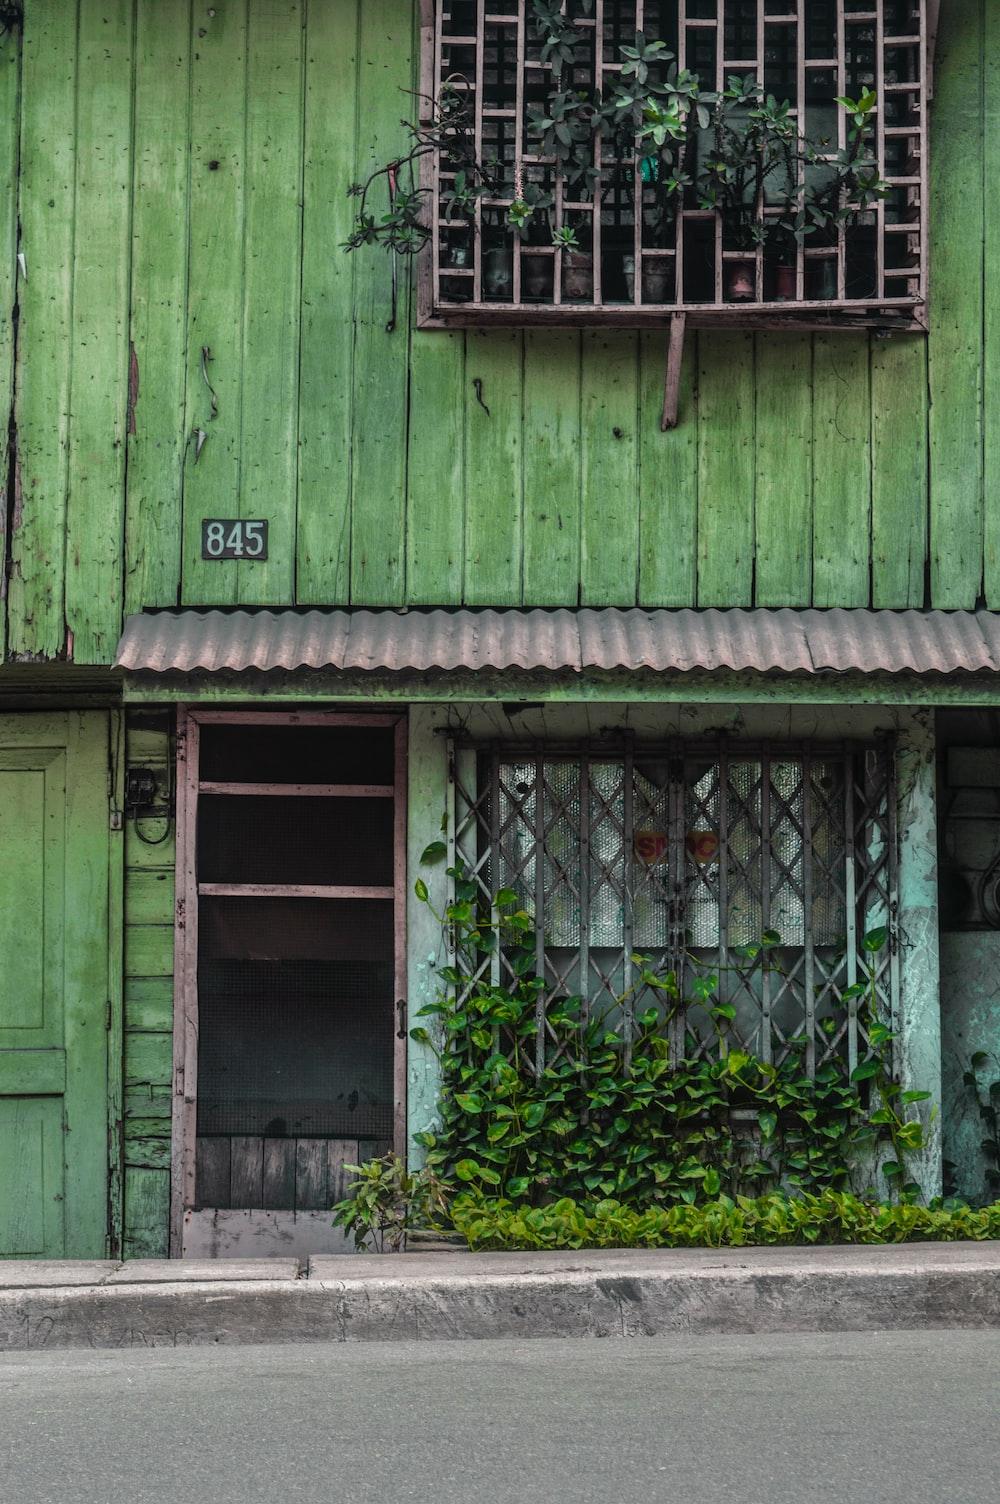 green wooden door with green plants